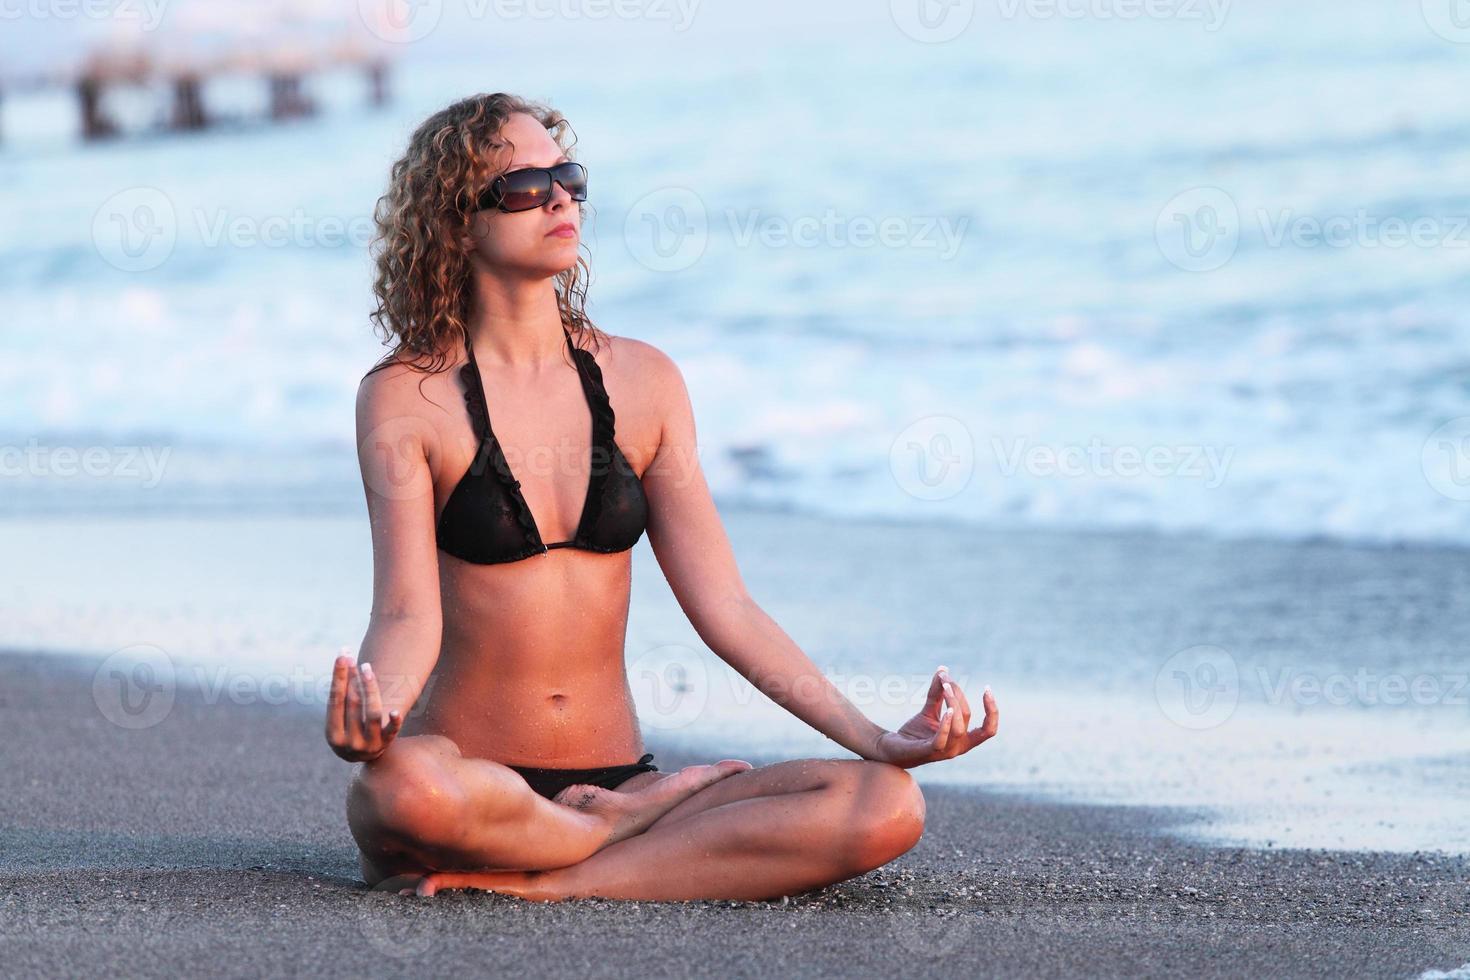 kropp av vacker flicka i meditation på stranden. lotus position foto